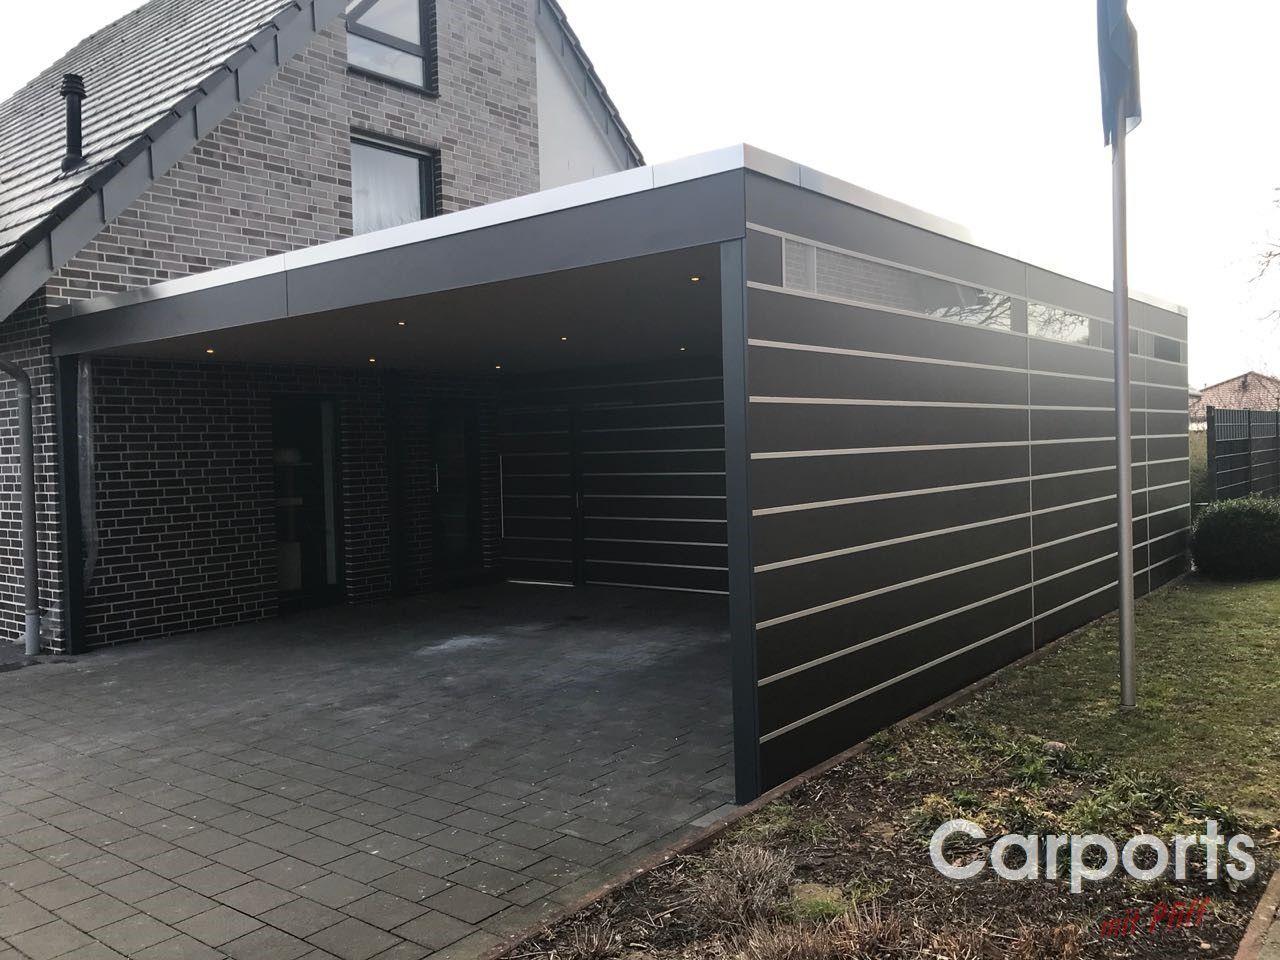 Pin Von Pauleikhoff Carport Gmbh Auf Https Www Pfiff Carports De Carports Garagenbau Carport